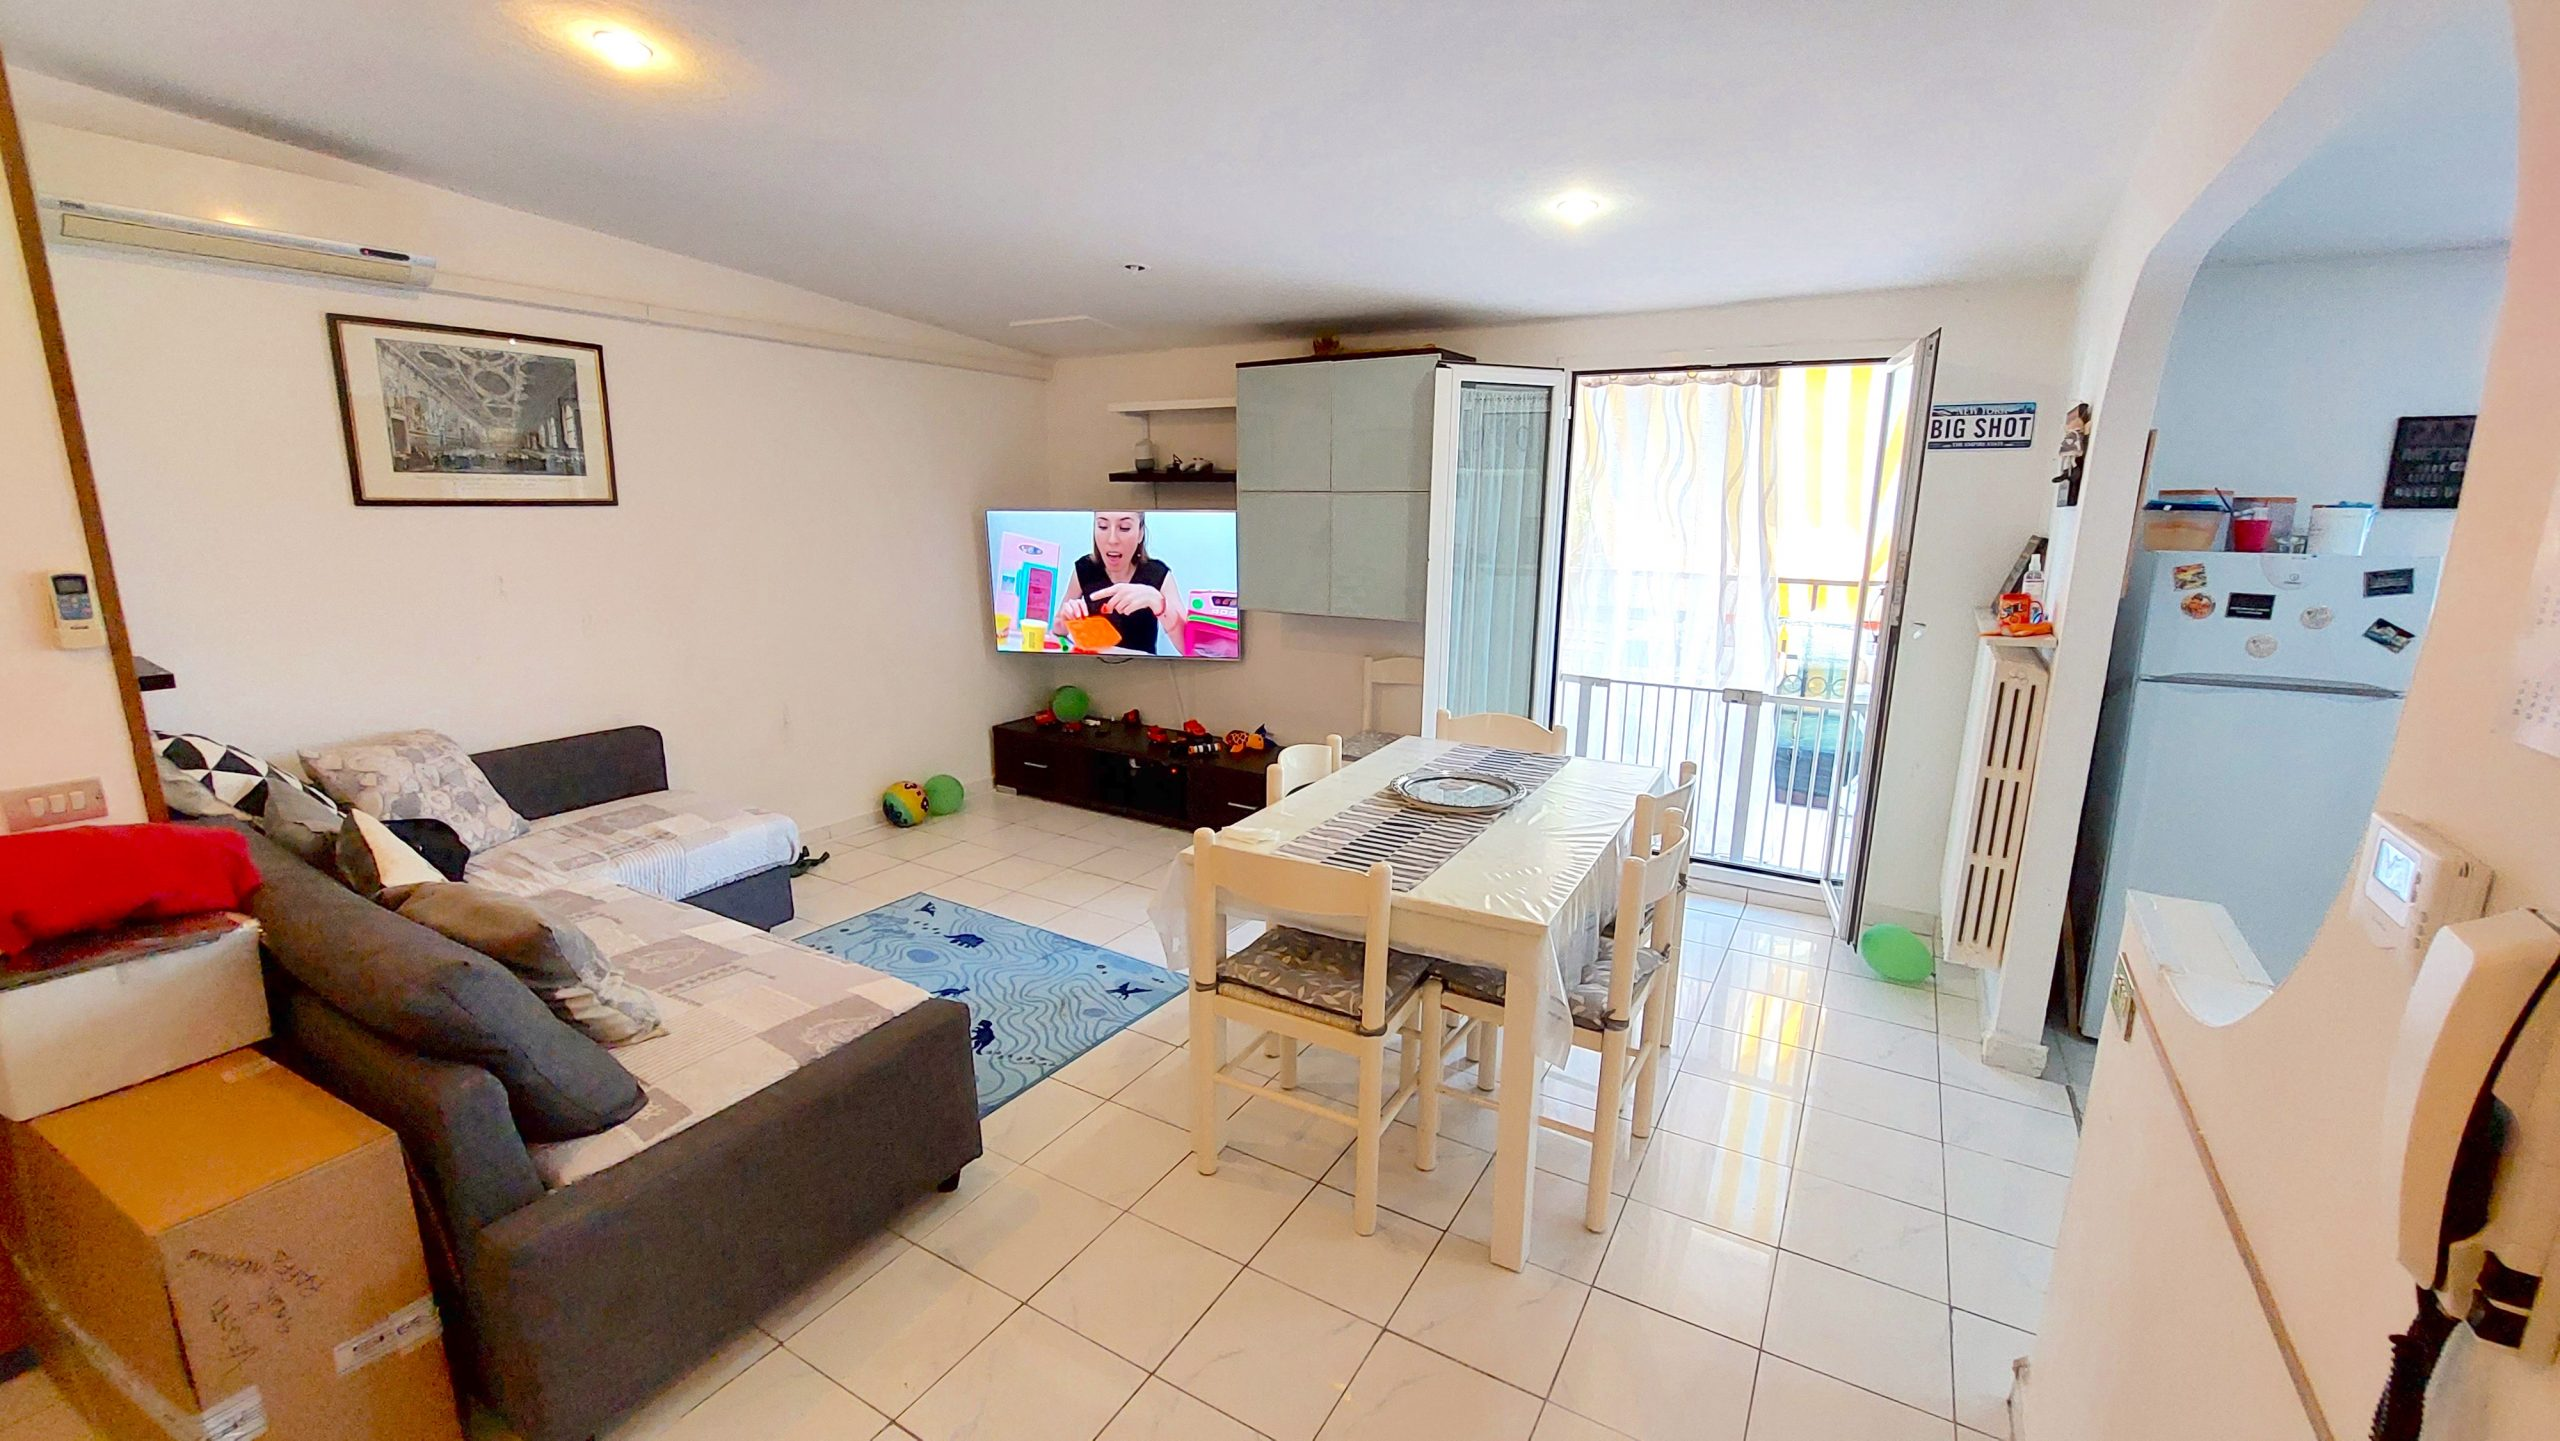 RICCIONE MARANO, ultimo piano 3 camere 2 wc e garage in vendita